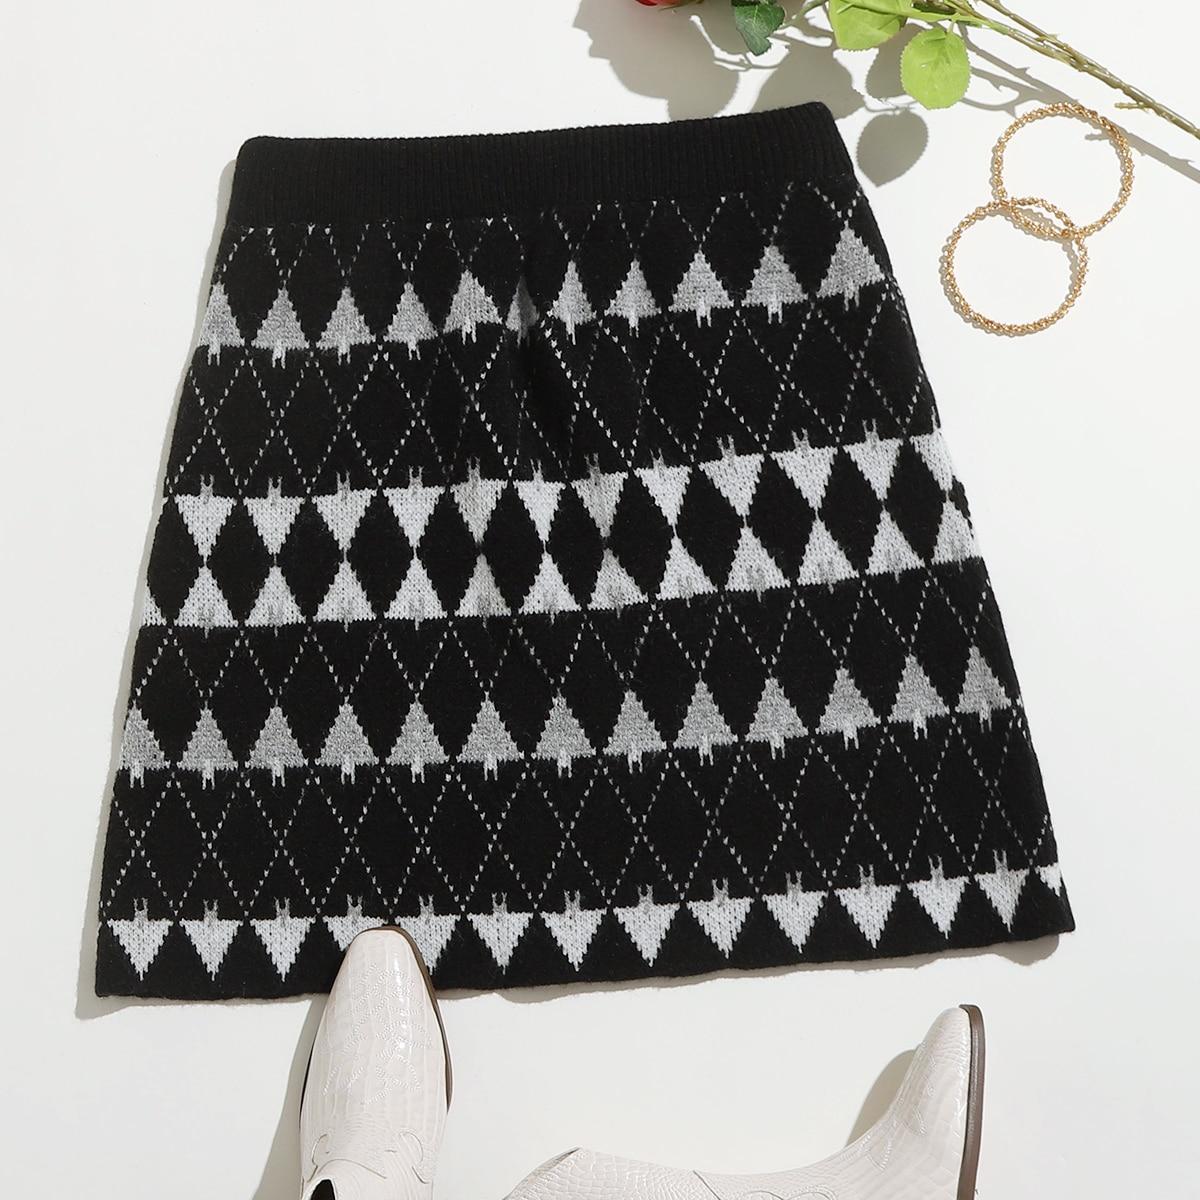 Геометрический принт повседневный трикотажные юбки размер плюс